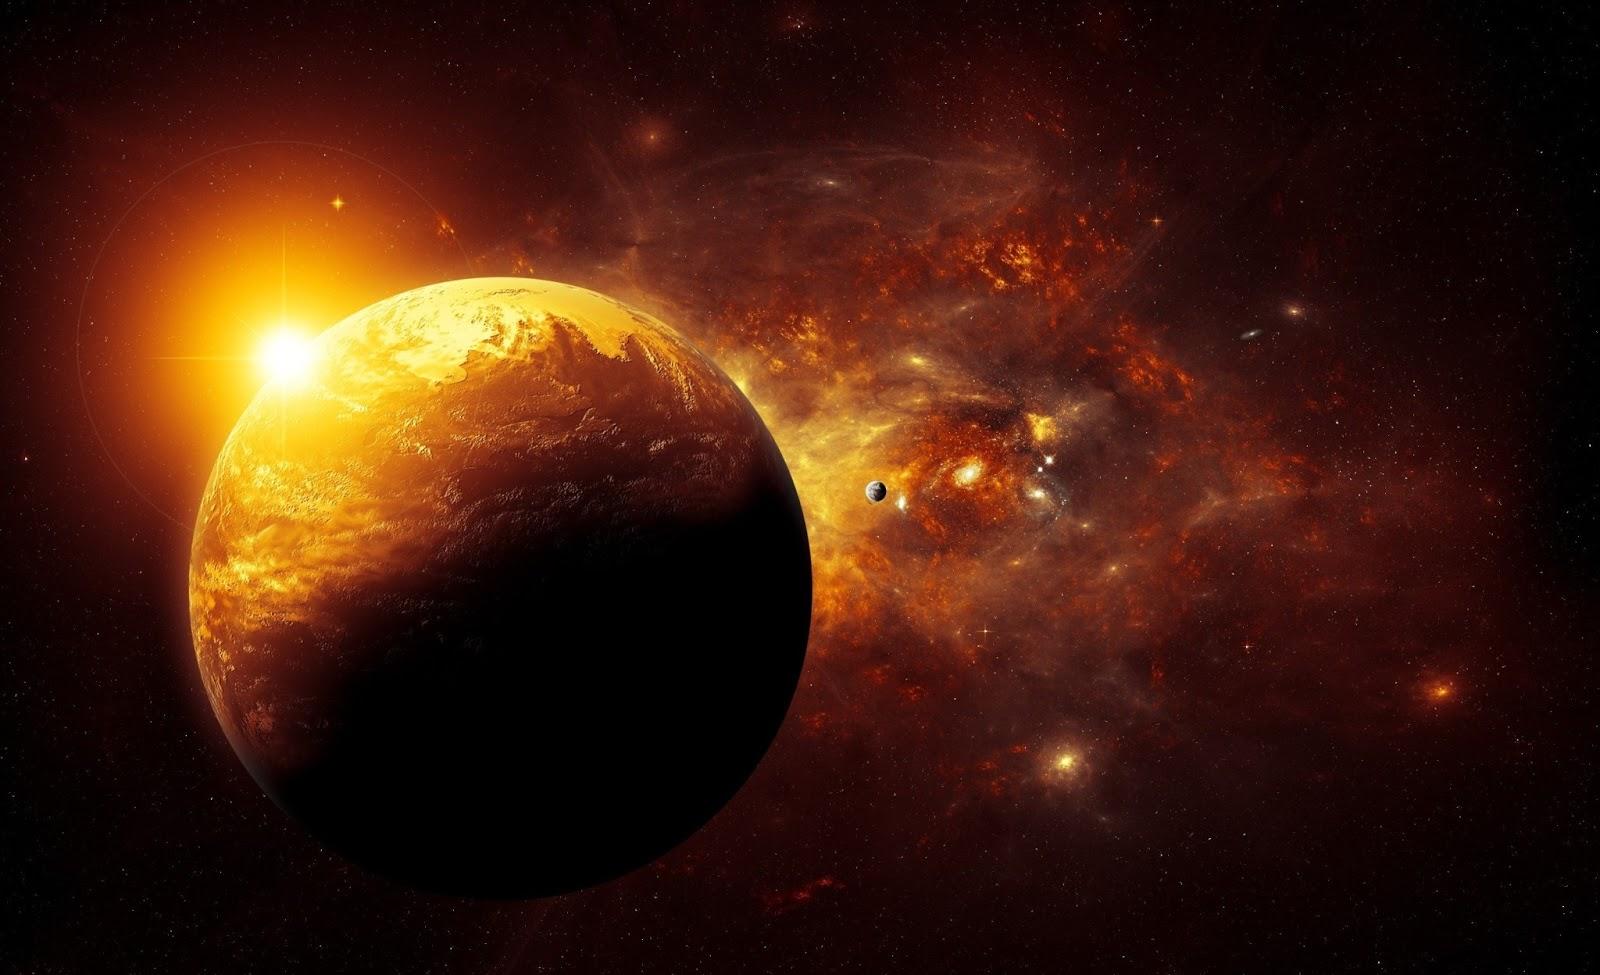 mercury planet desktop backgrounds - photo #46